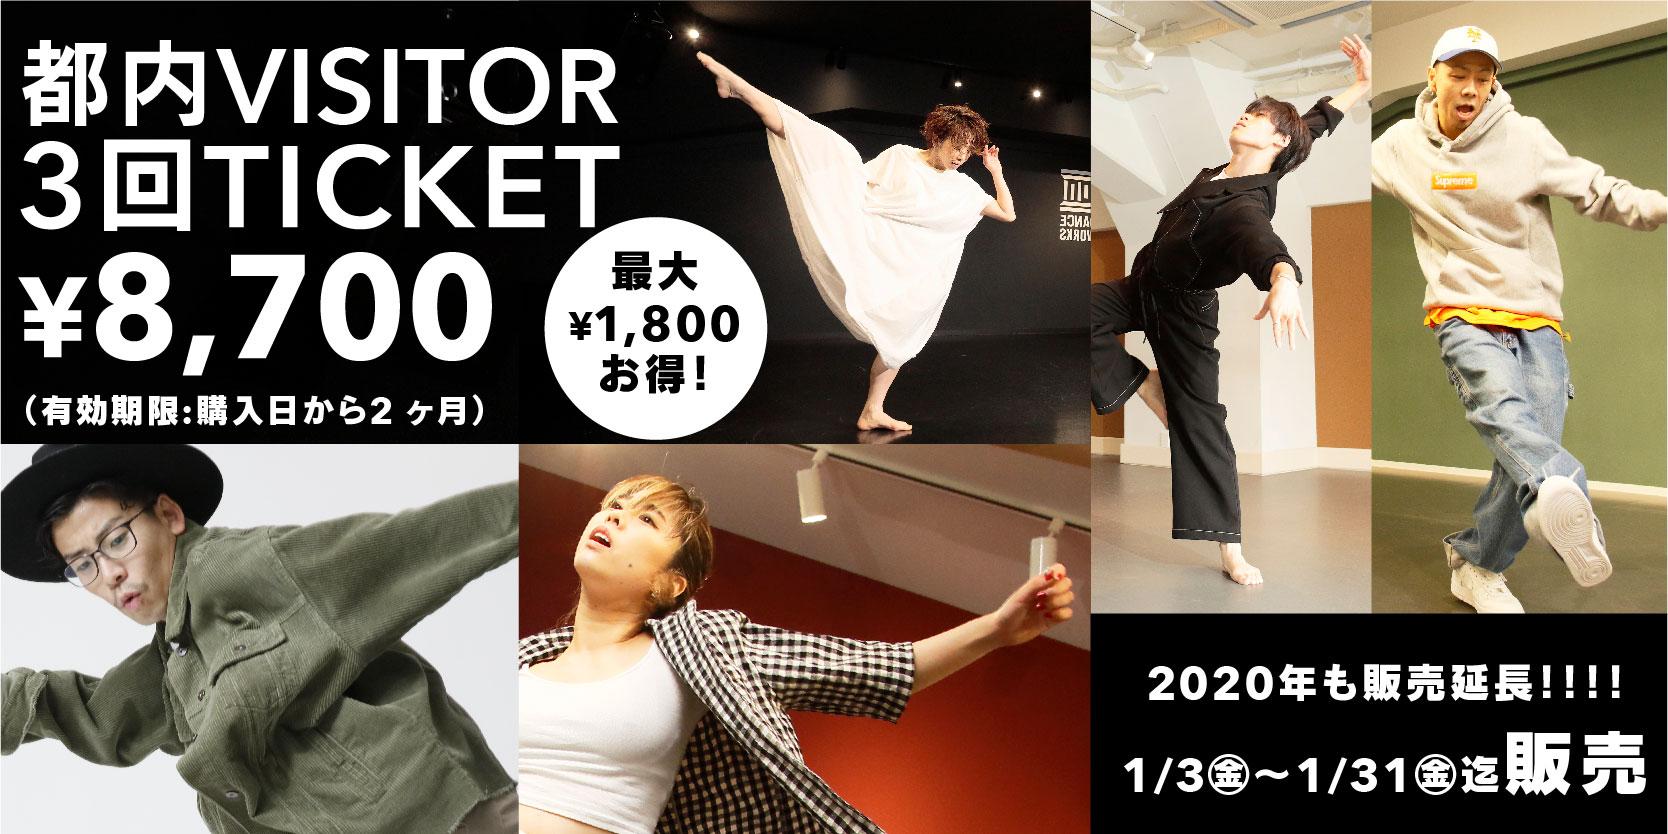 最大¥1,800お得なビジターチケット</br>2020年も販売決定!